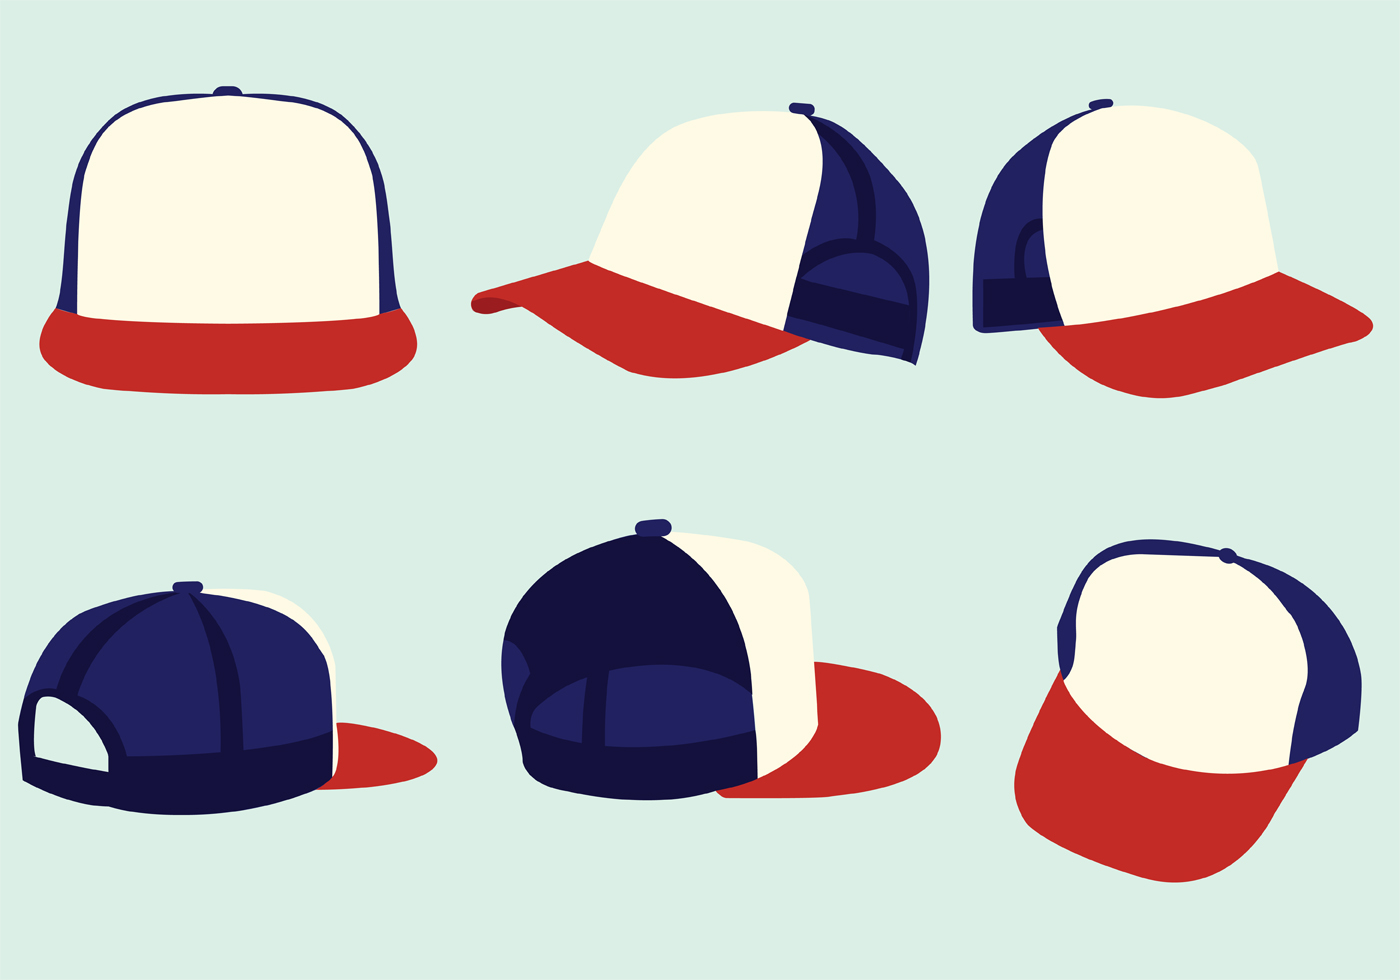 hat free vector art 2535 free downloads rh vecteezy com hat vector ai hat vector png